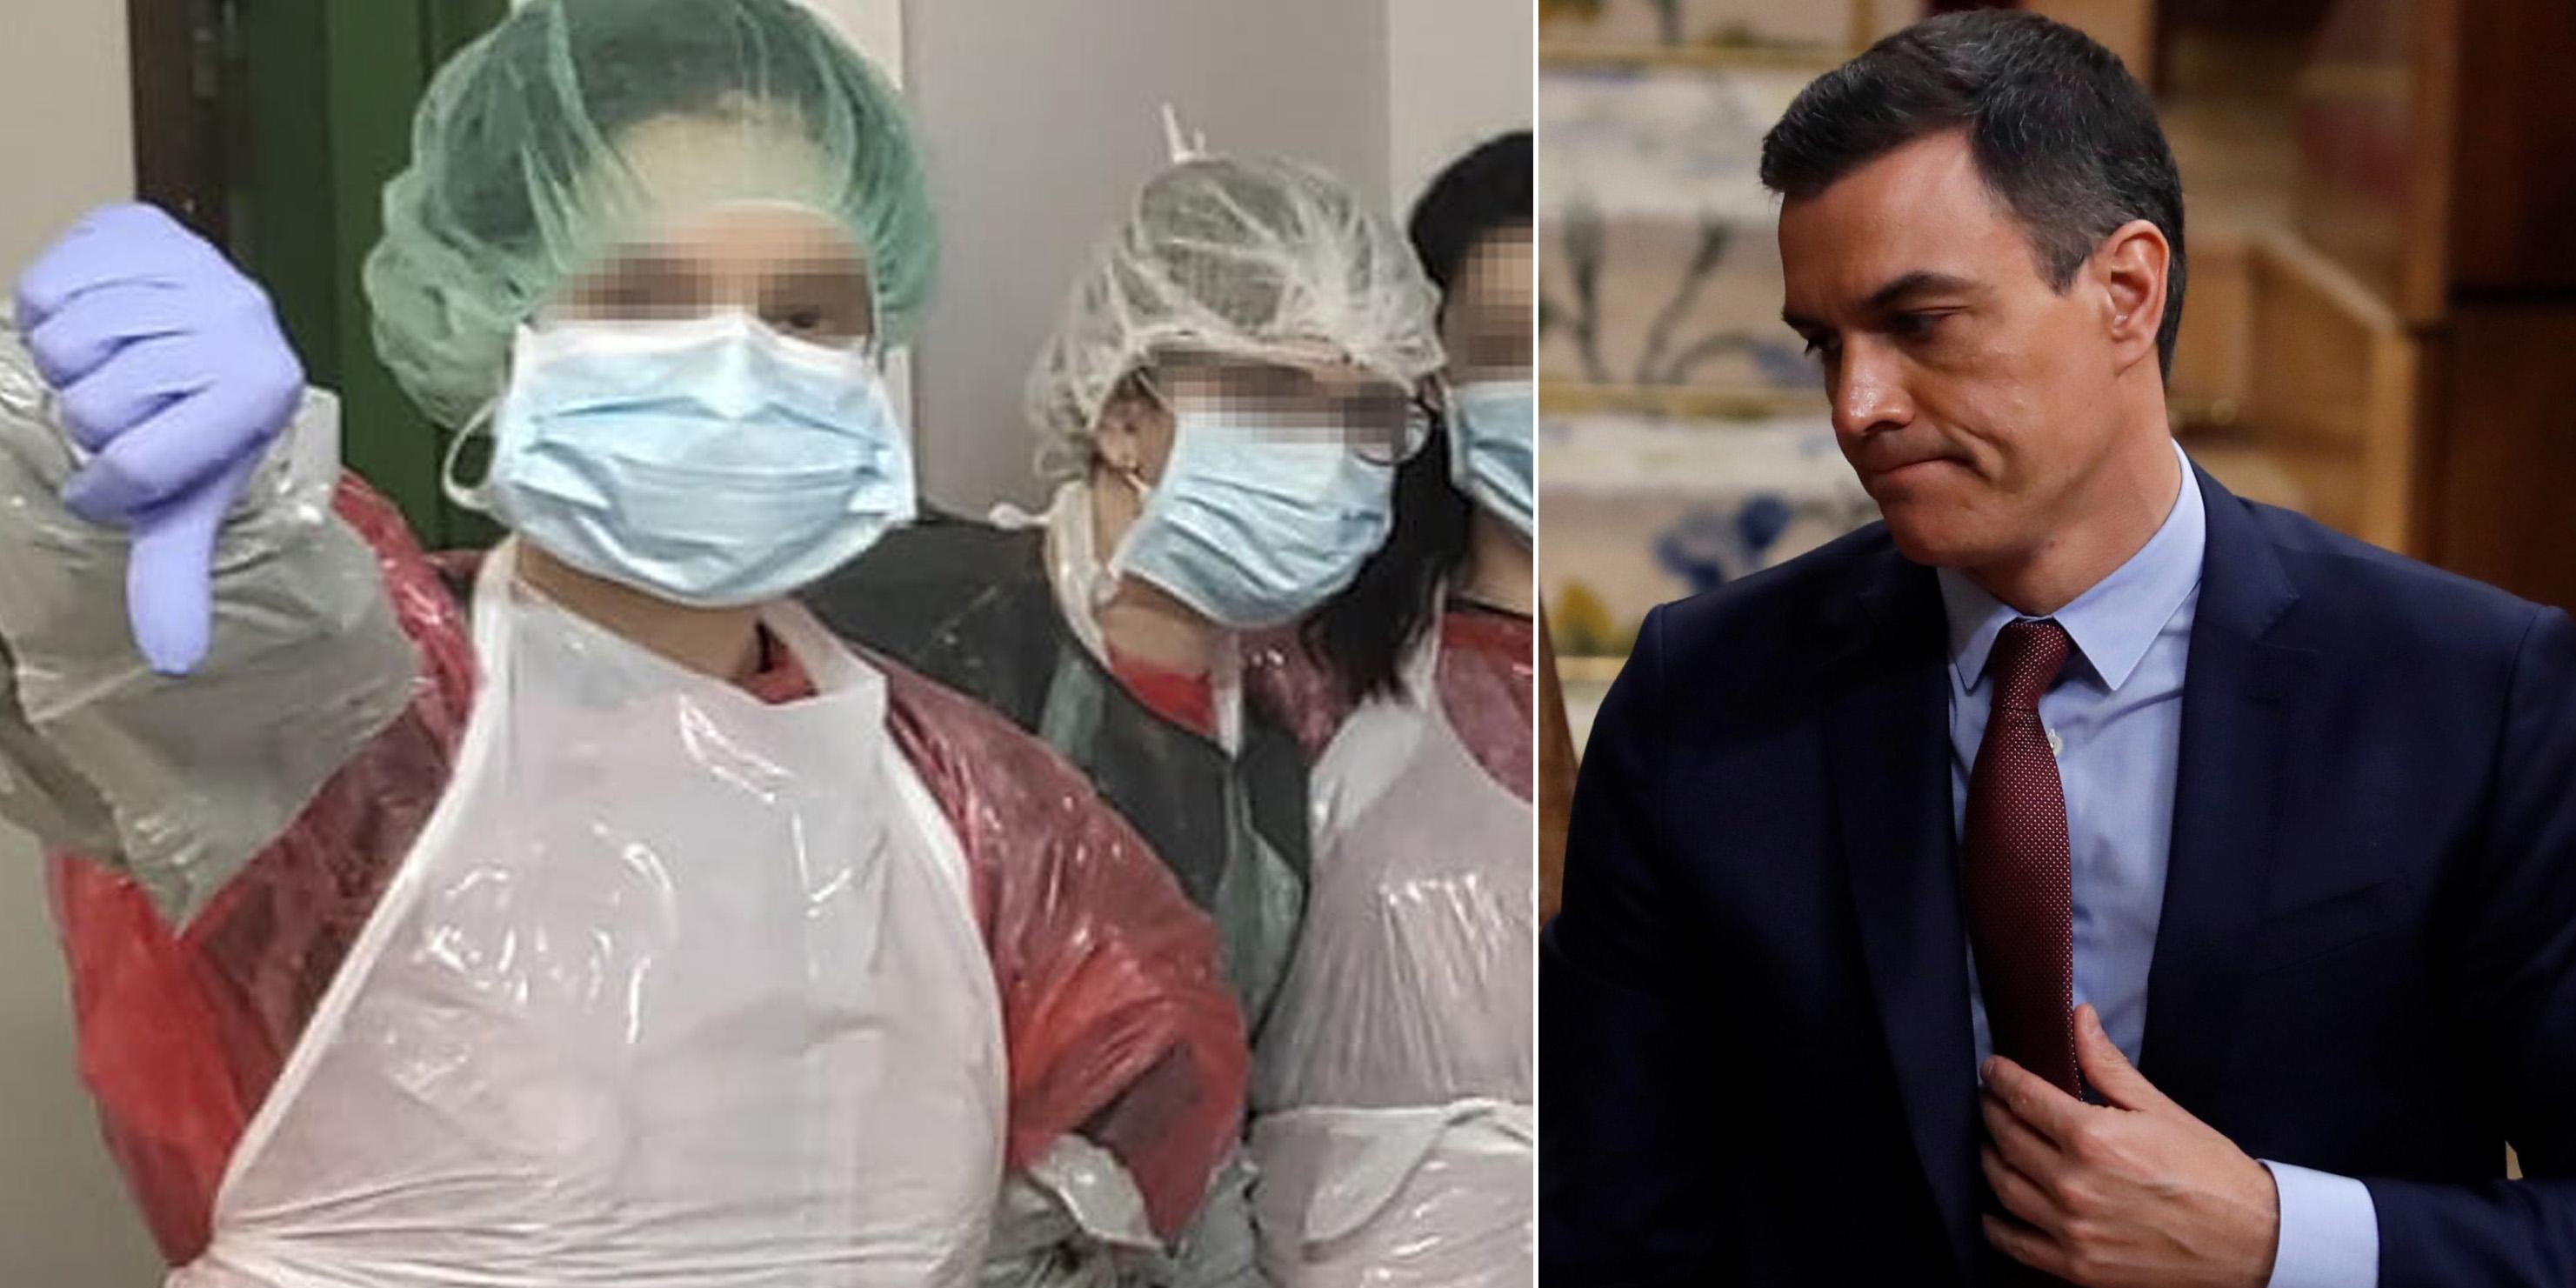 Una encuesta científica vapulea a Sánchez por liderar la peor protección para sus médicos frente al Covid-19: ya hay cuatro reinfectados